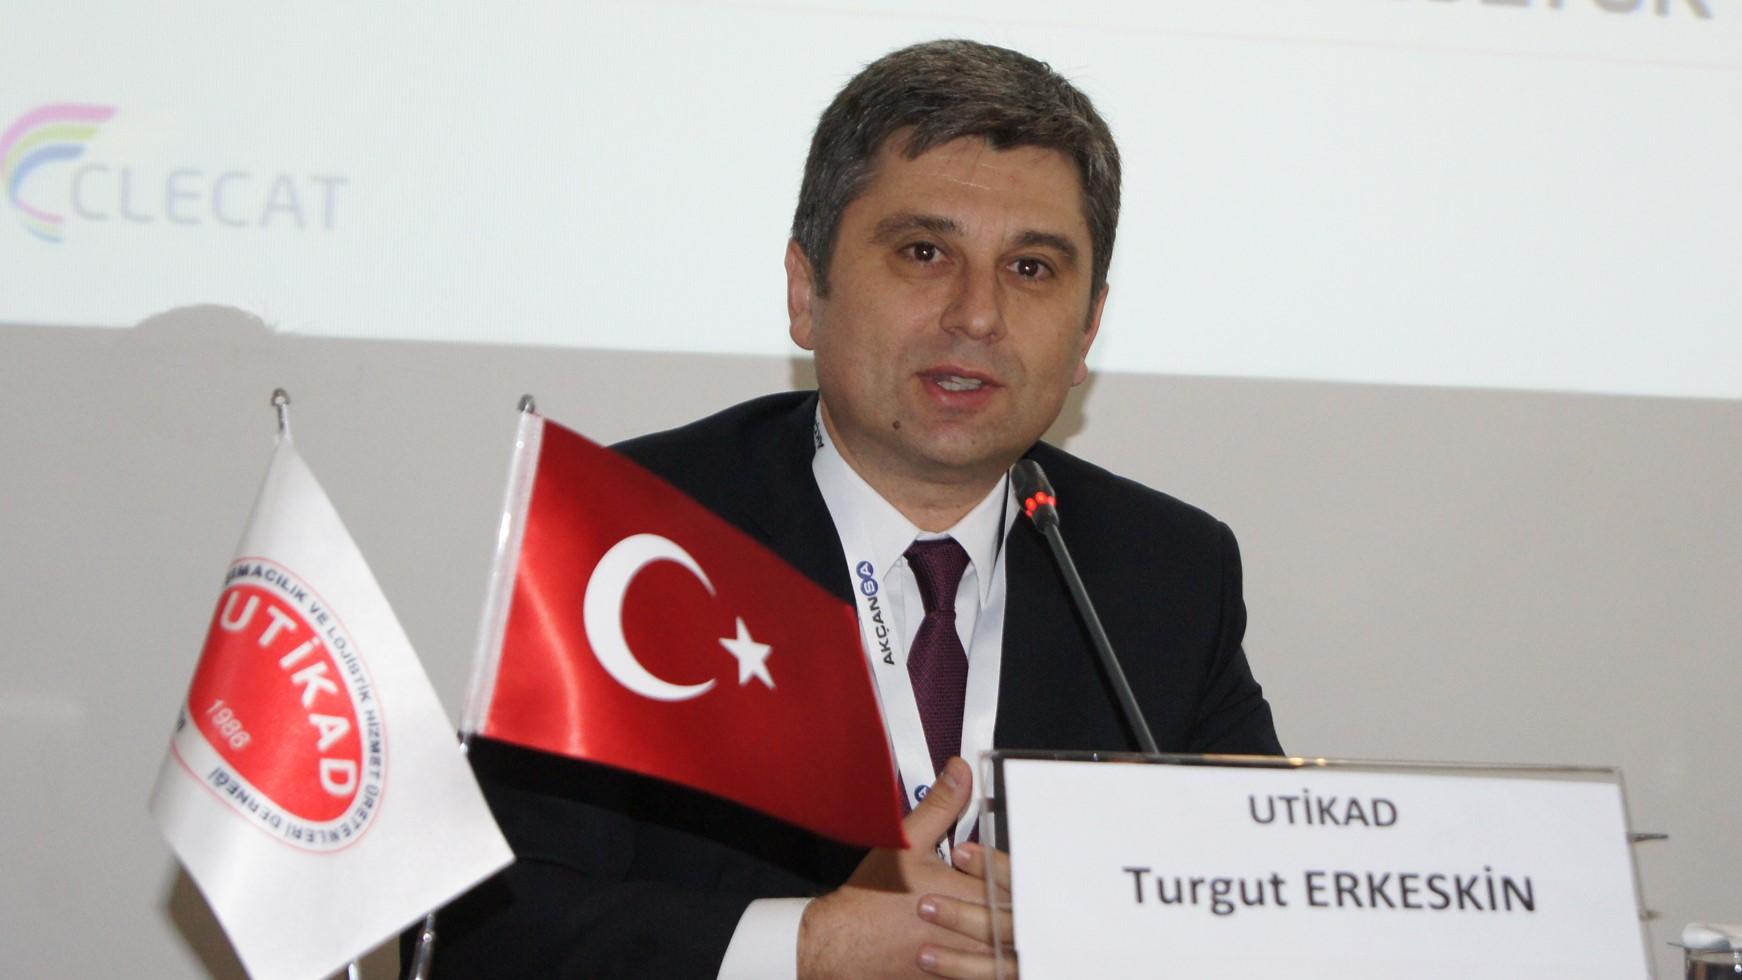 Turgut Erkseskin, Genel Transport Turkey interviewed by World Cargo Vision 1